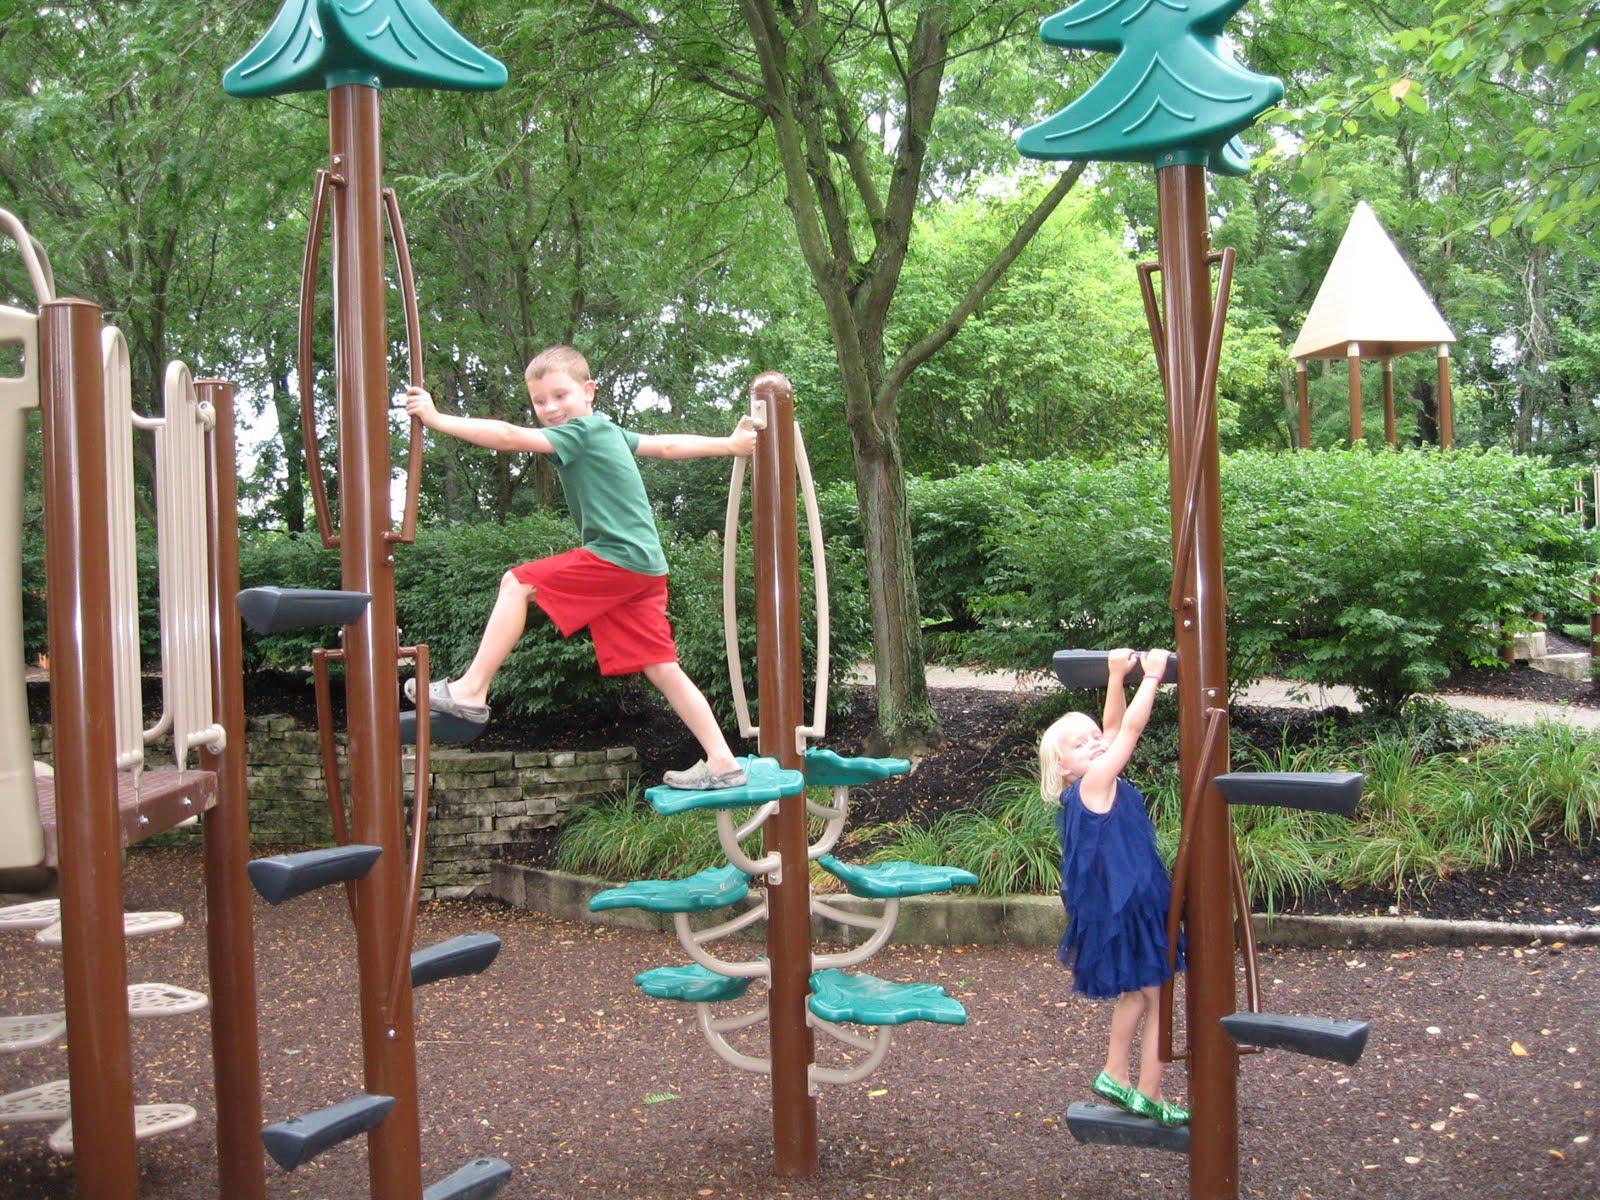 dublin veterans park and indian run falls park